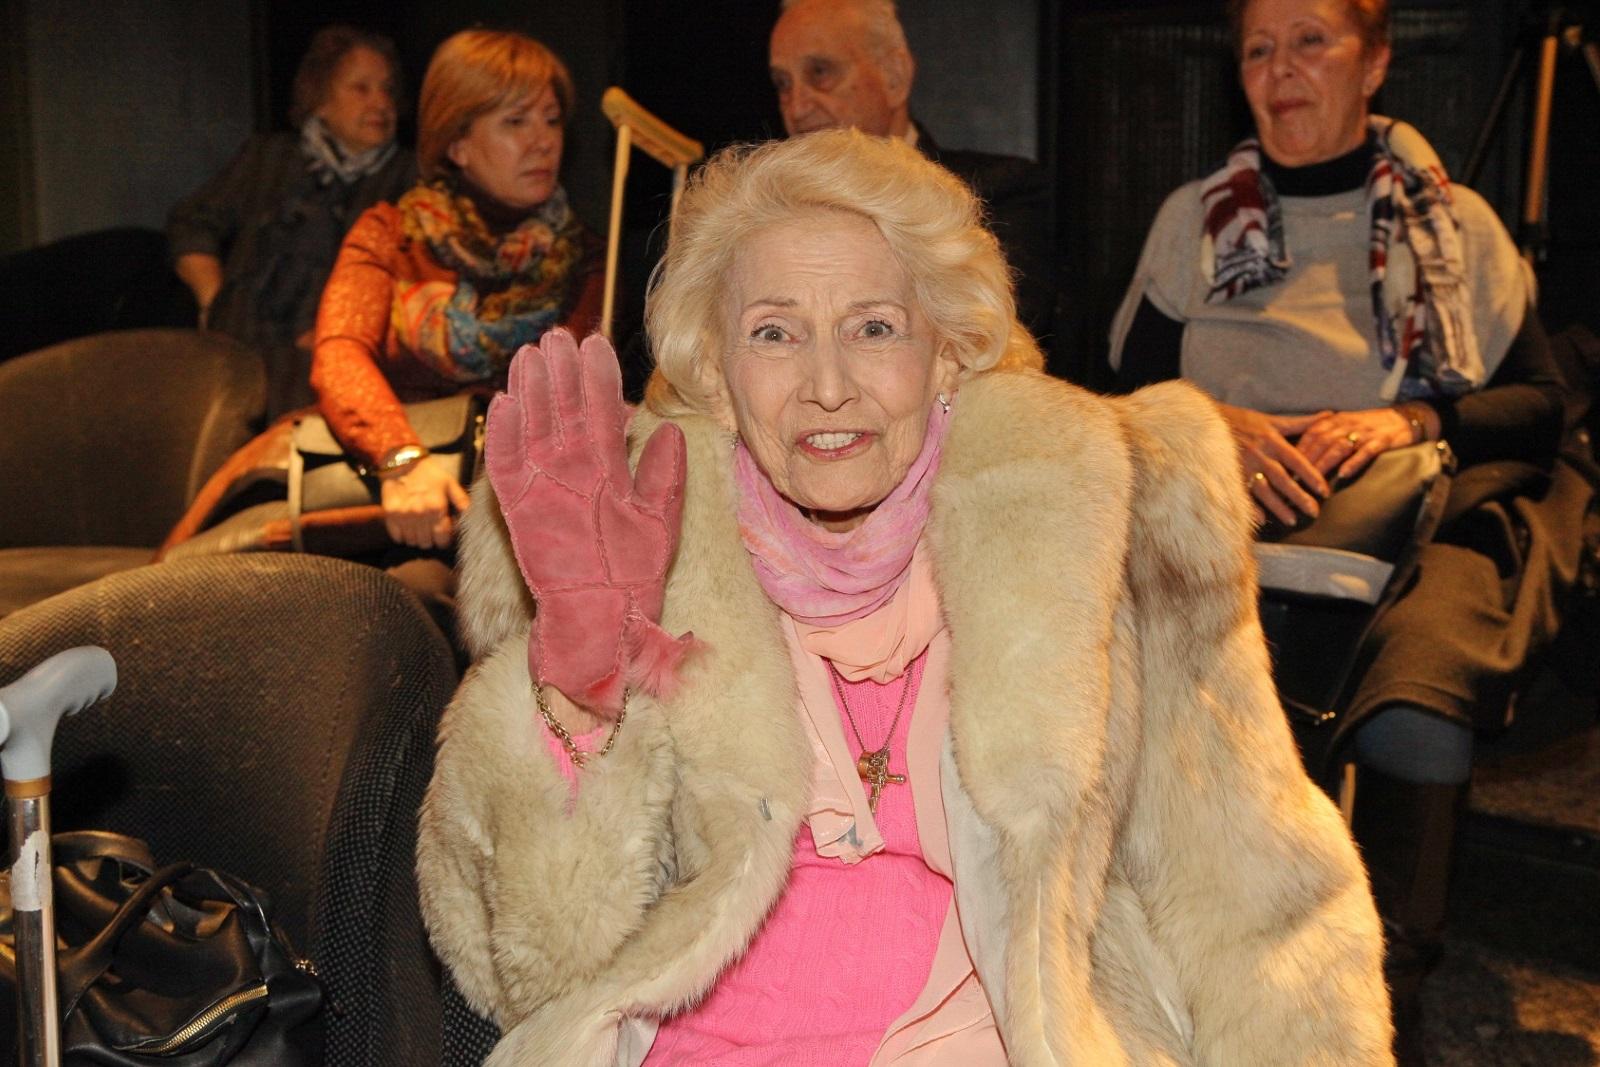 Росица Данаилова (1933-2018)<br /> На 84 години почина актрисата Росица Данаилова, сестра на Стефан Данаилов. Завършва актьорско майсторство във ВИТИЗ, а след това следва докторантура в Академията за театрално изкуство в Ленинград. Има над 150 роли в Театъра на армията, Сатиричния и Народния театър, в различни театри в Димитровград, Добрич, Бургас и Сливен. Участвала е във филми и телевизионни постановки.